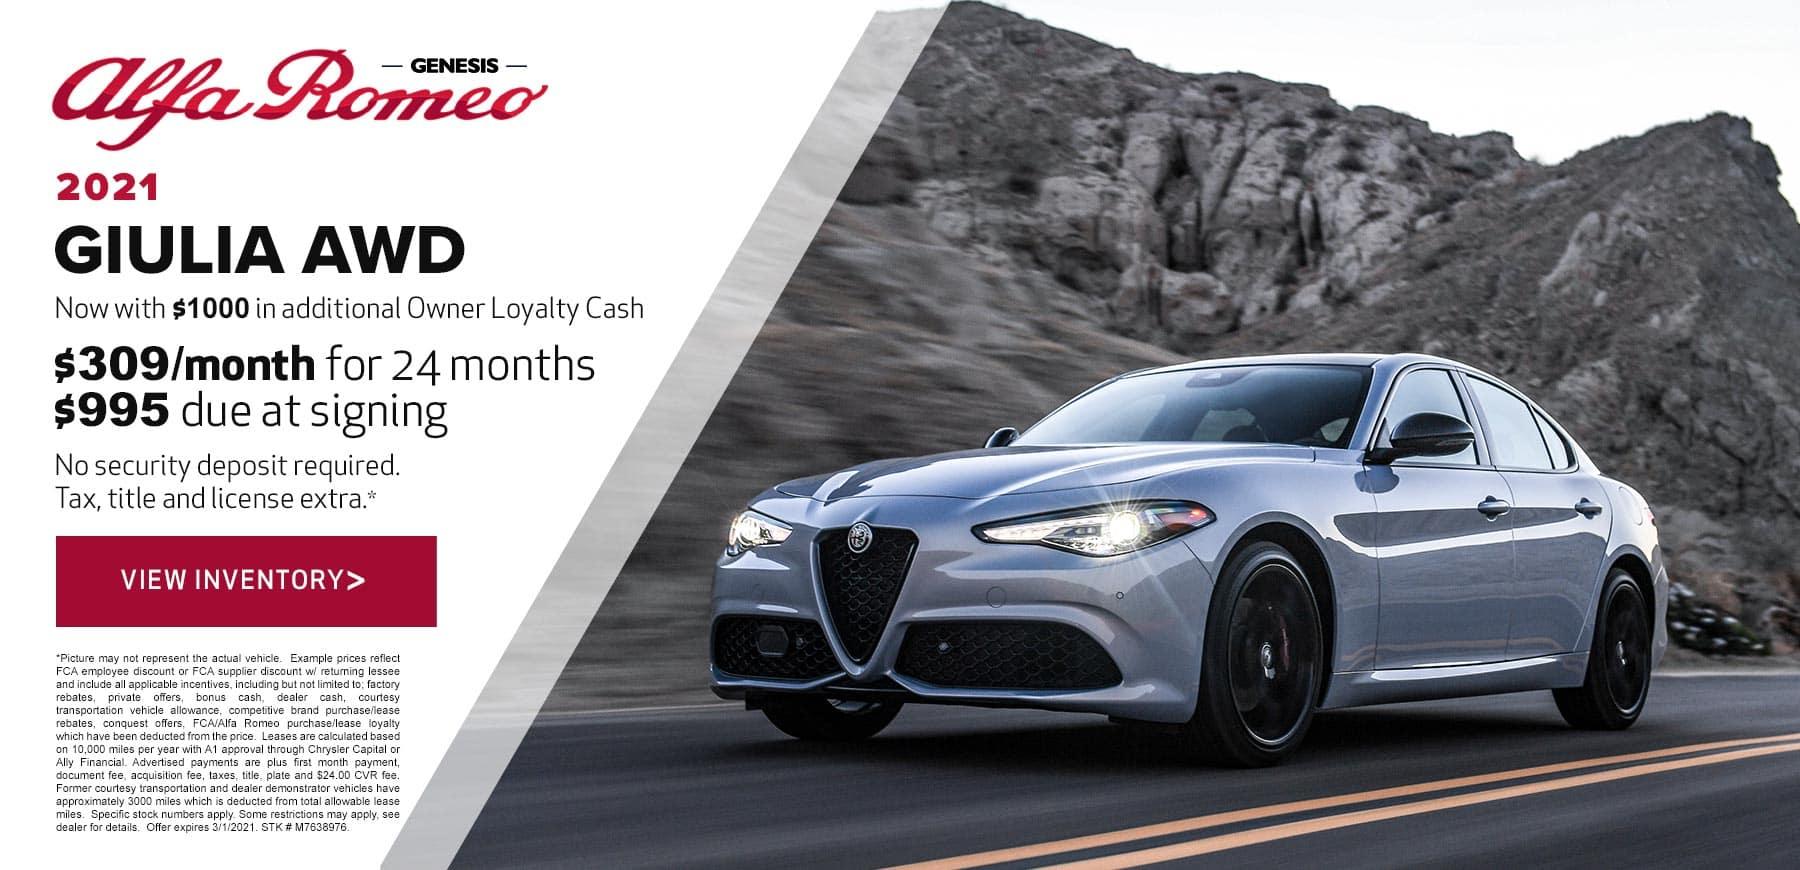 Genesis Alfa Romeo February 2021 Giulia Lease